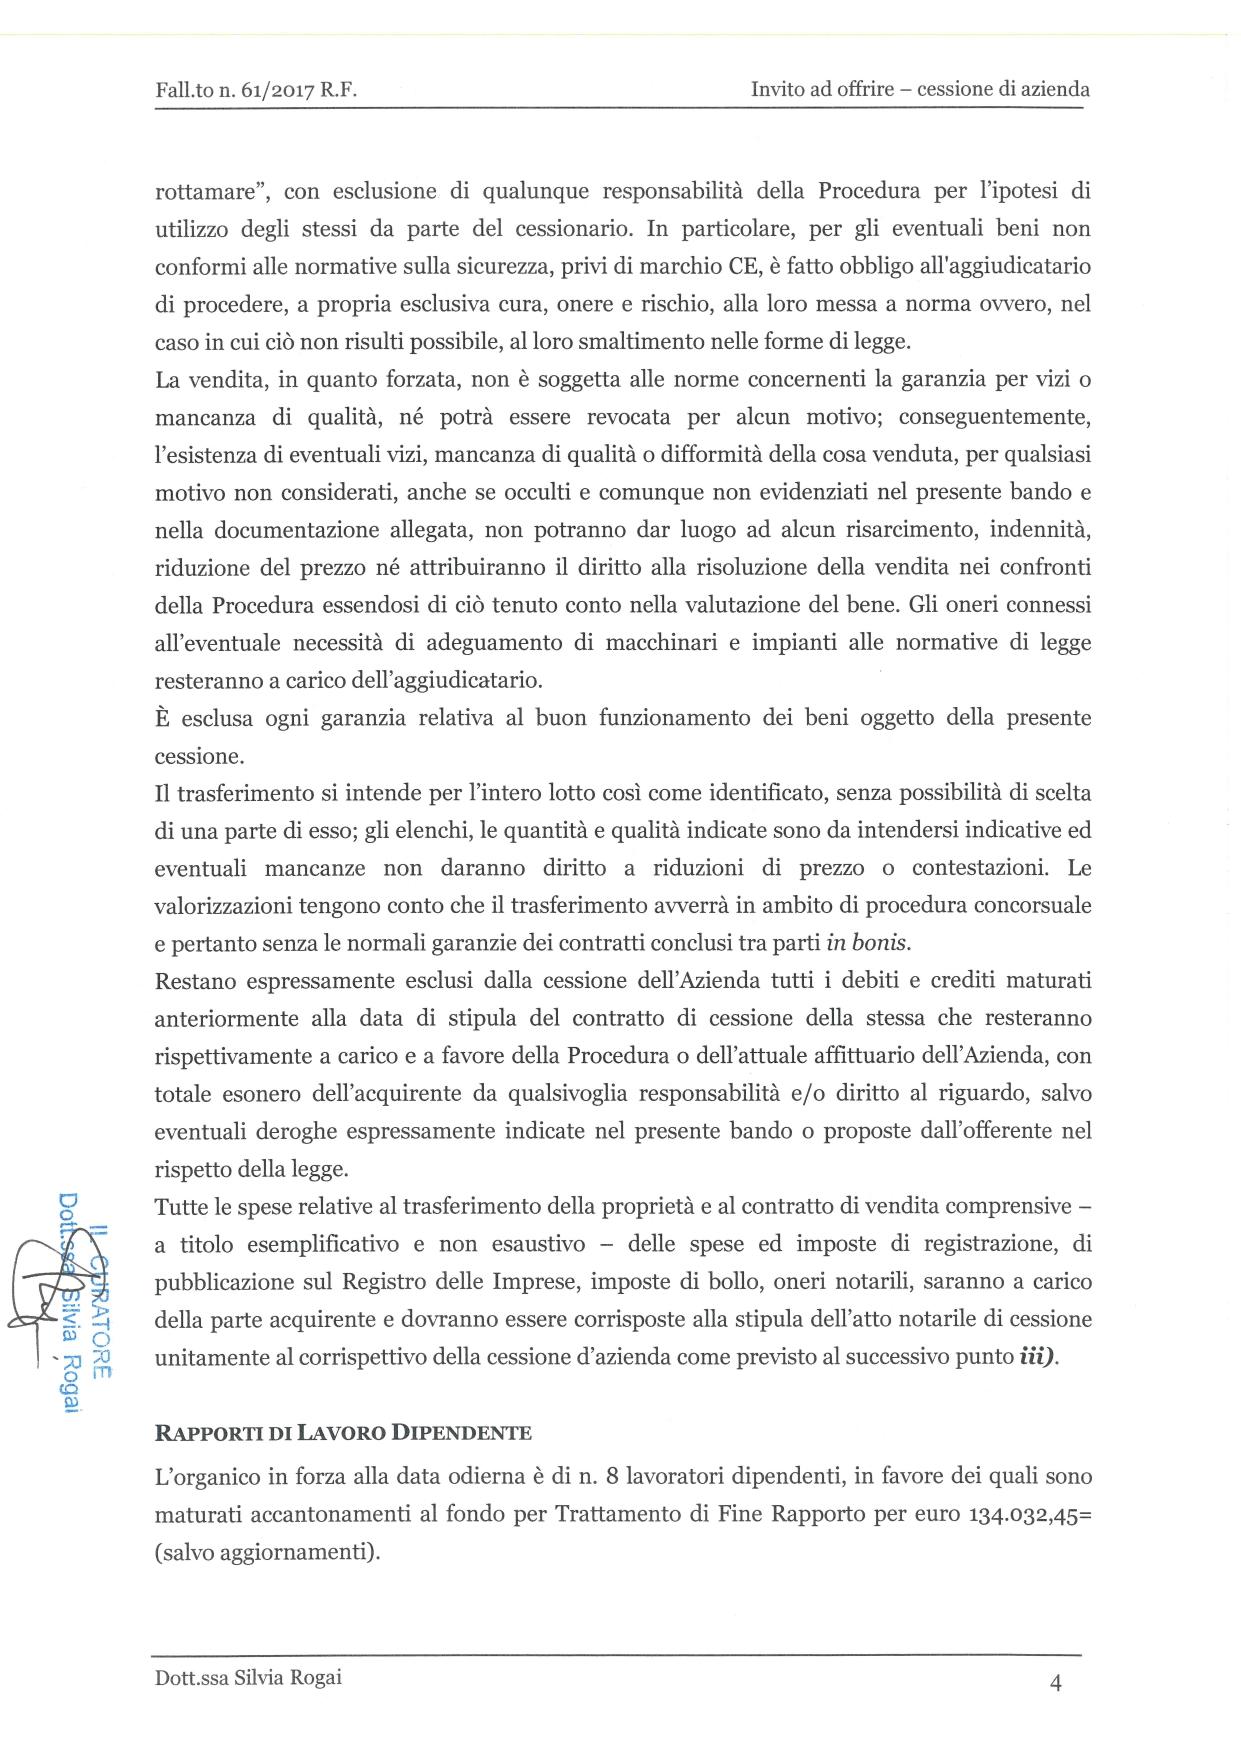 Fall. 61/2017 Trib. di Prato - Cessione azienda operat in vendita - foto 4